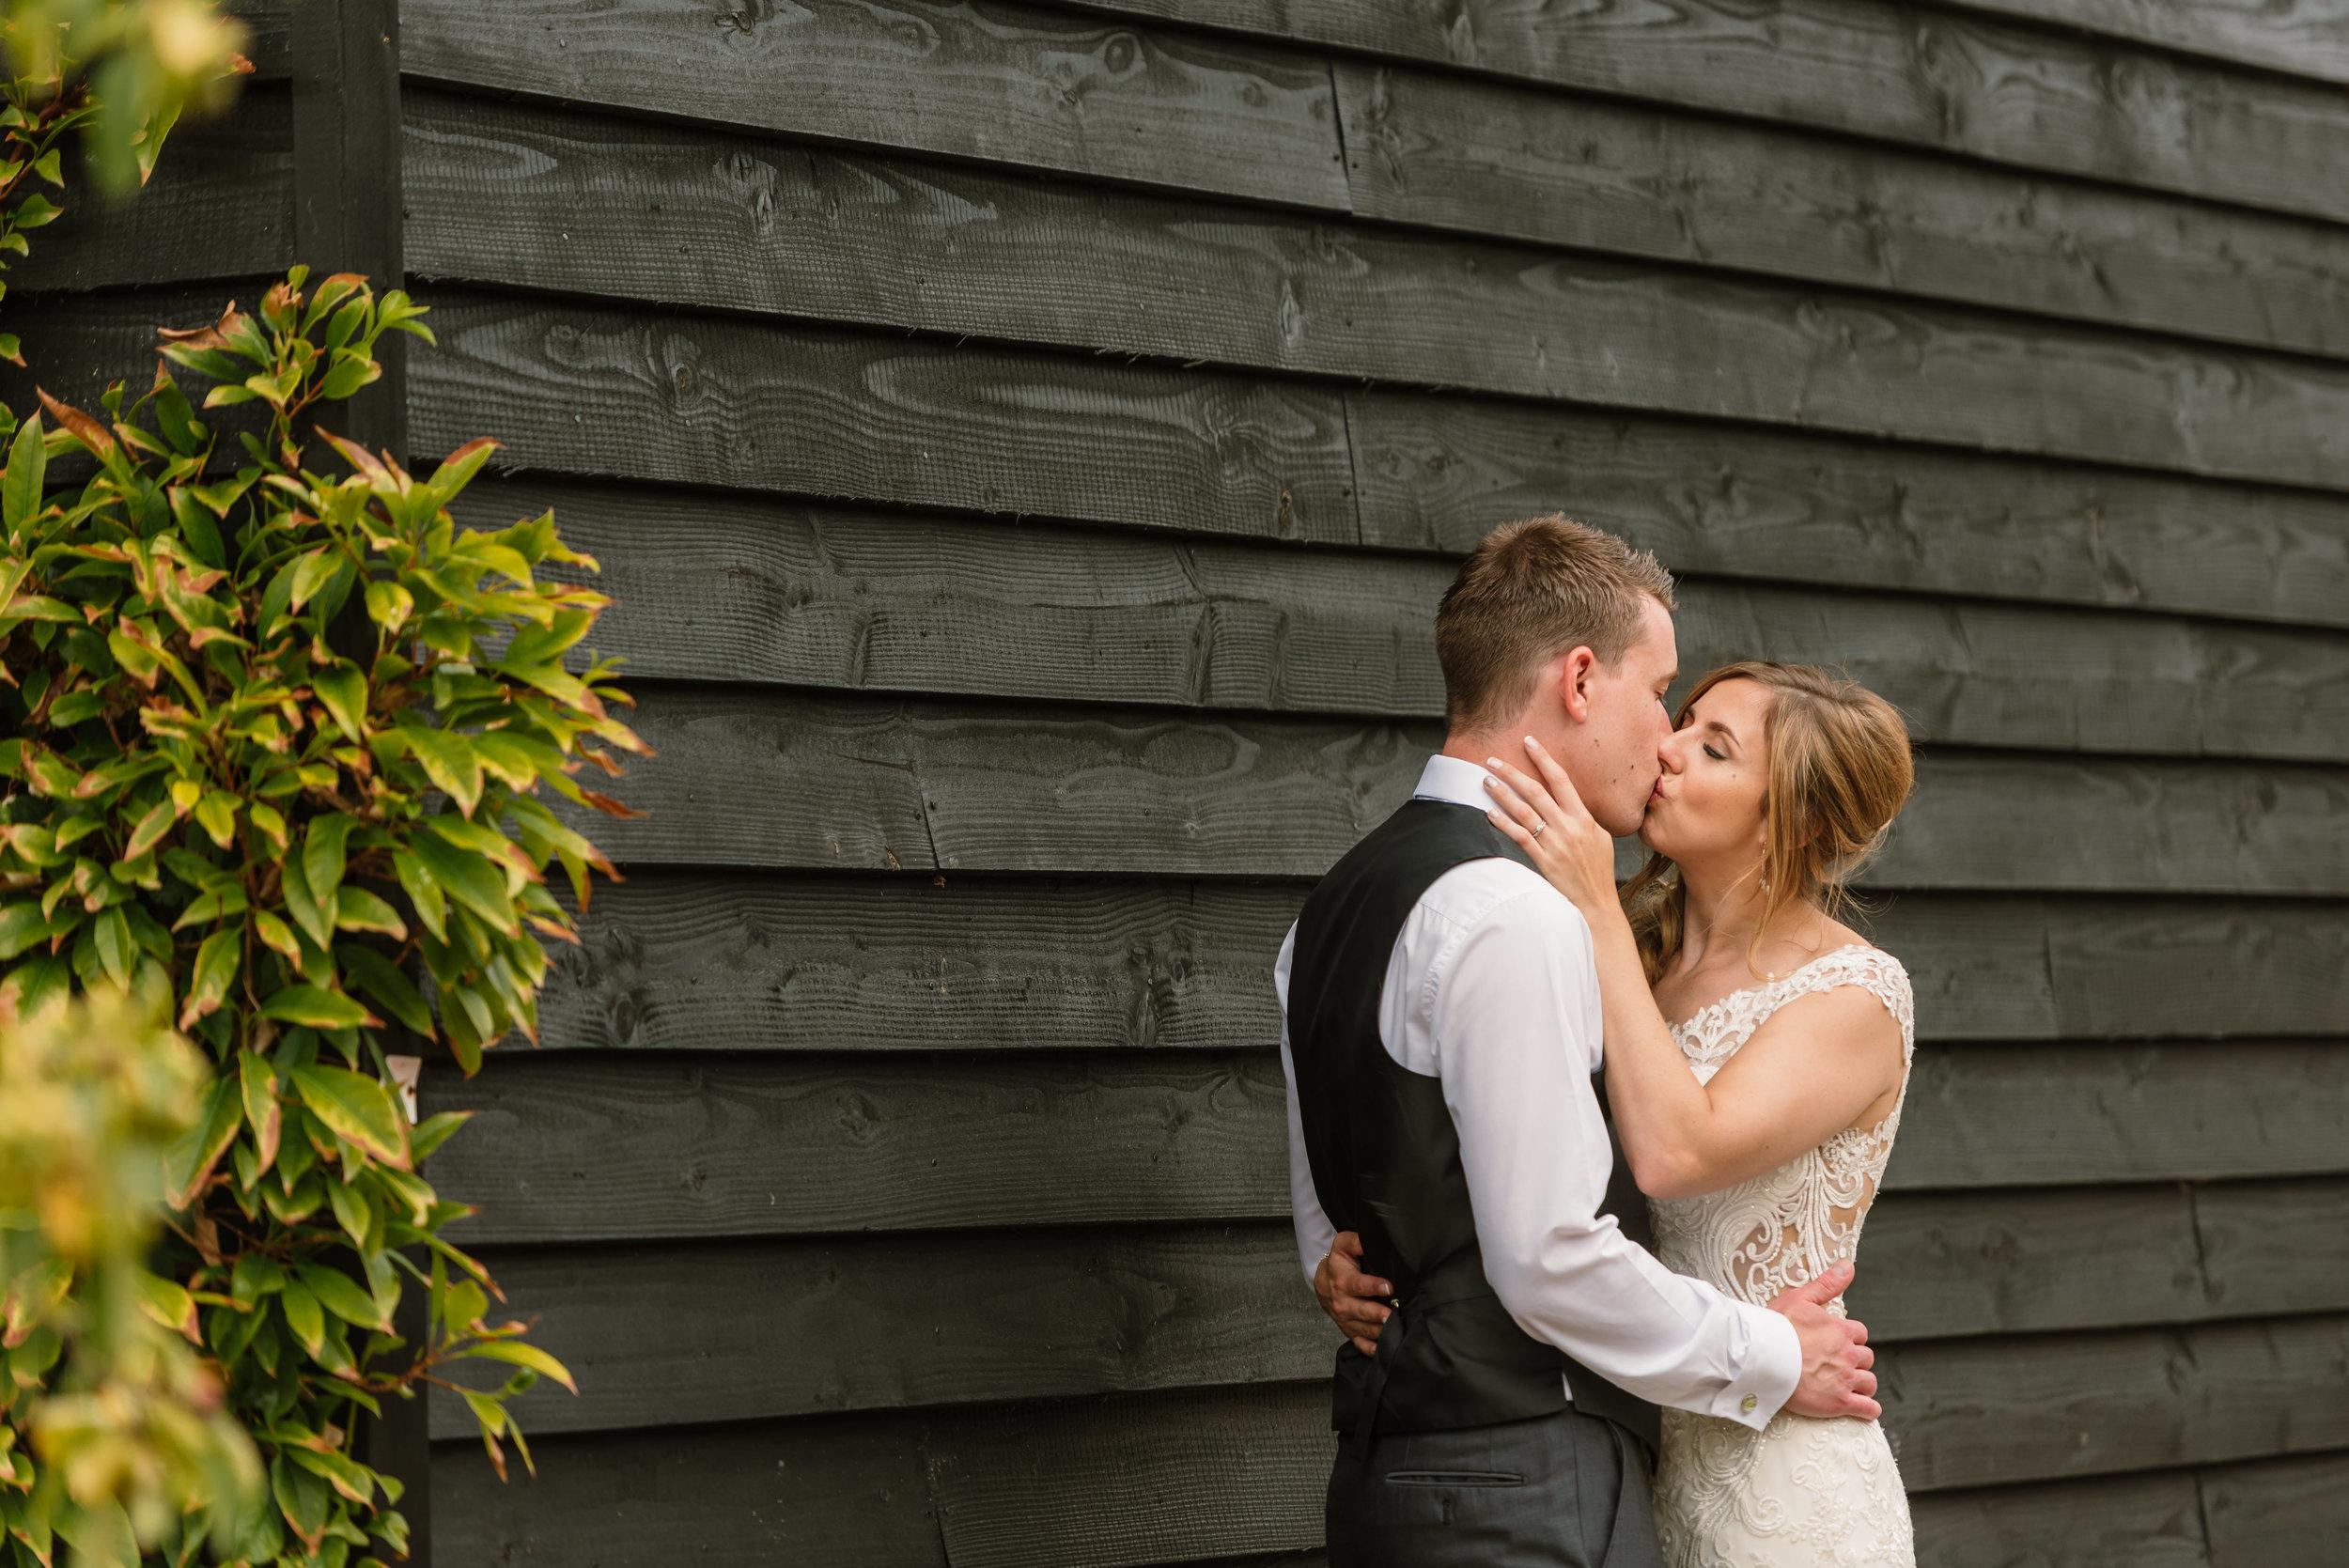 Hampshire Wedding Photographer Hampshire : Ufton-Court-Wedding : Barn-wedding-venue-hampshire : sarah-fishlock-photography : hampshire-barn-wedding-1014.jpg